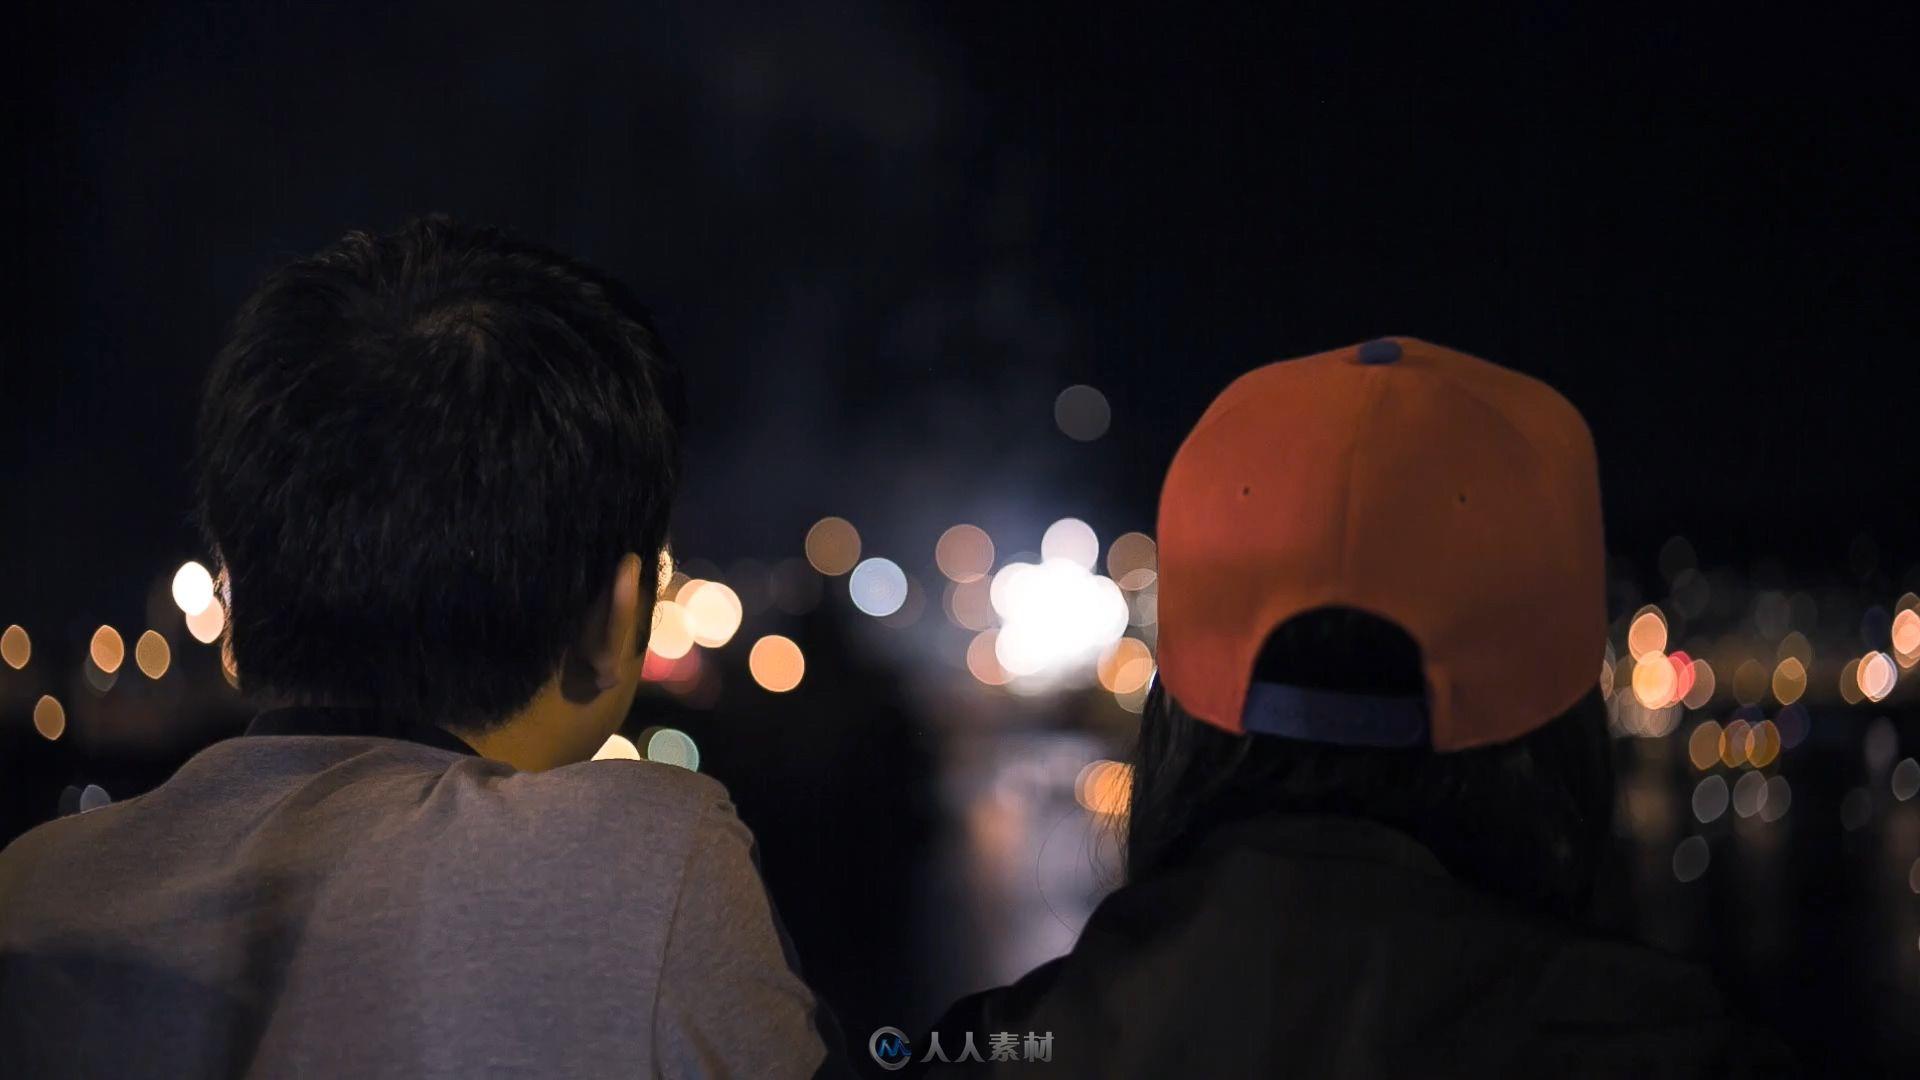 波特兰海滨视频情侣看烟花实拍绽放公园视频游手灵戒素材图片